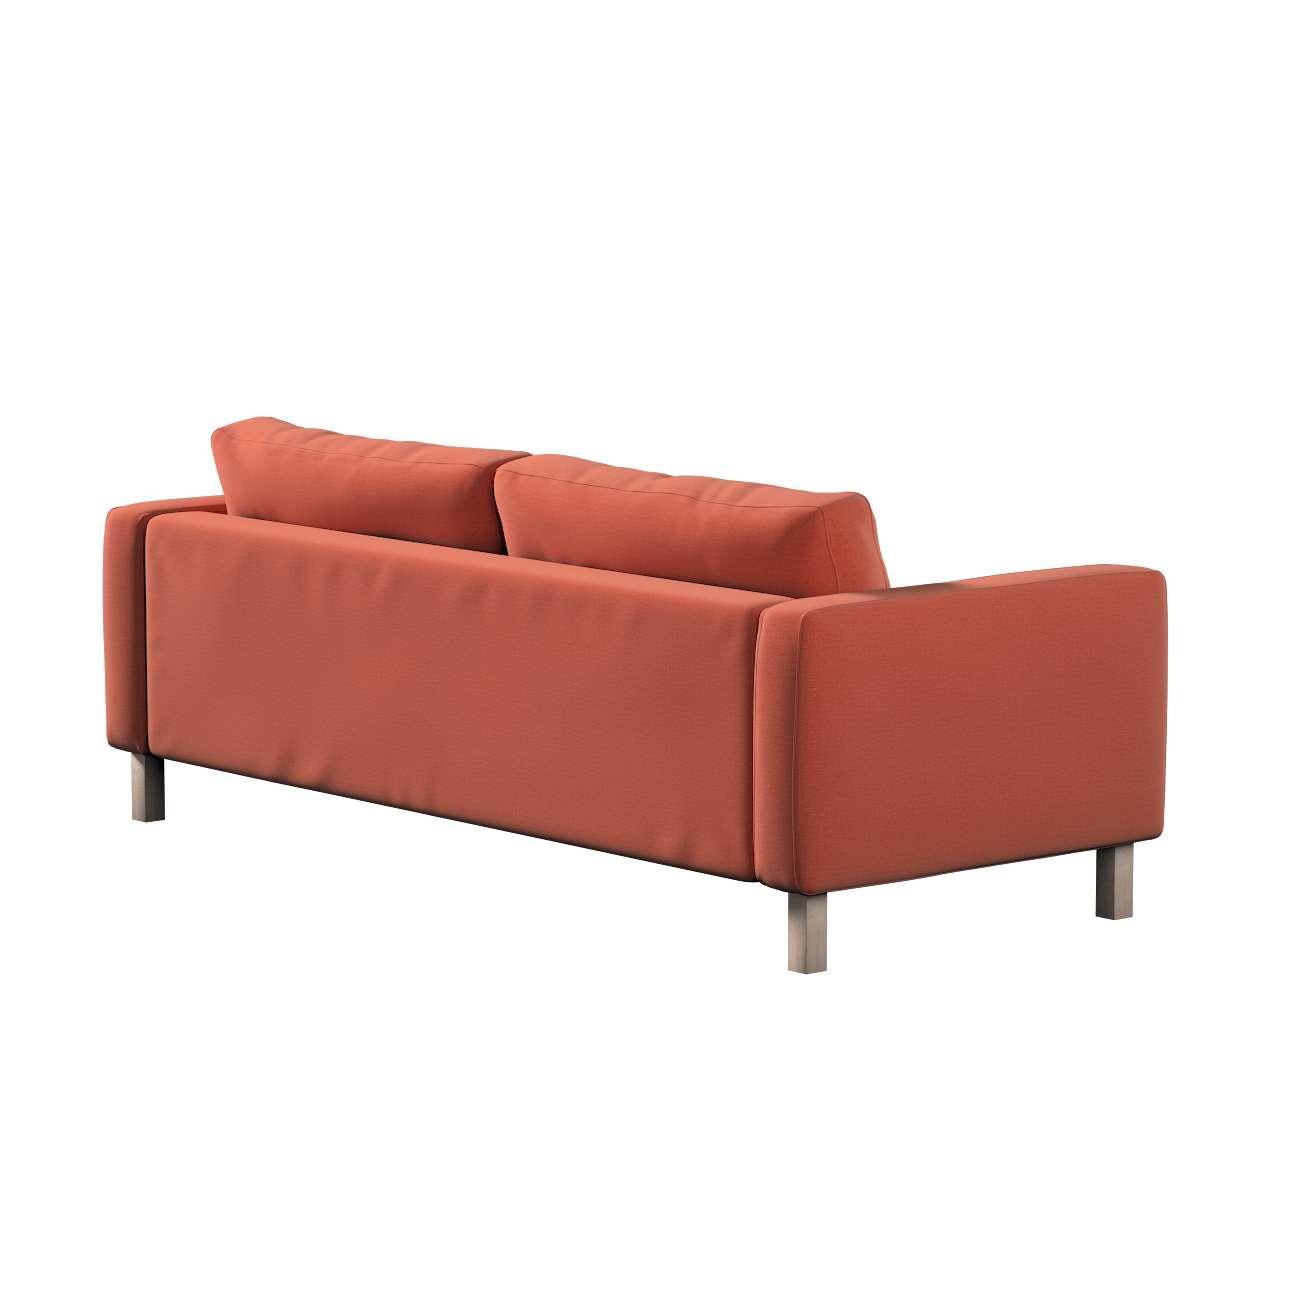 Pokrowiec na sofę Karlstad rozkładaną w kolekcji Ingrid, tkanina: 705-37